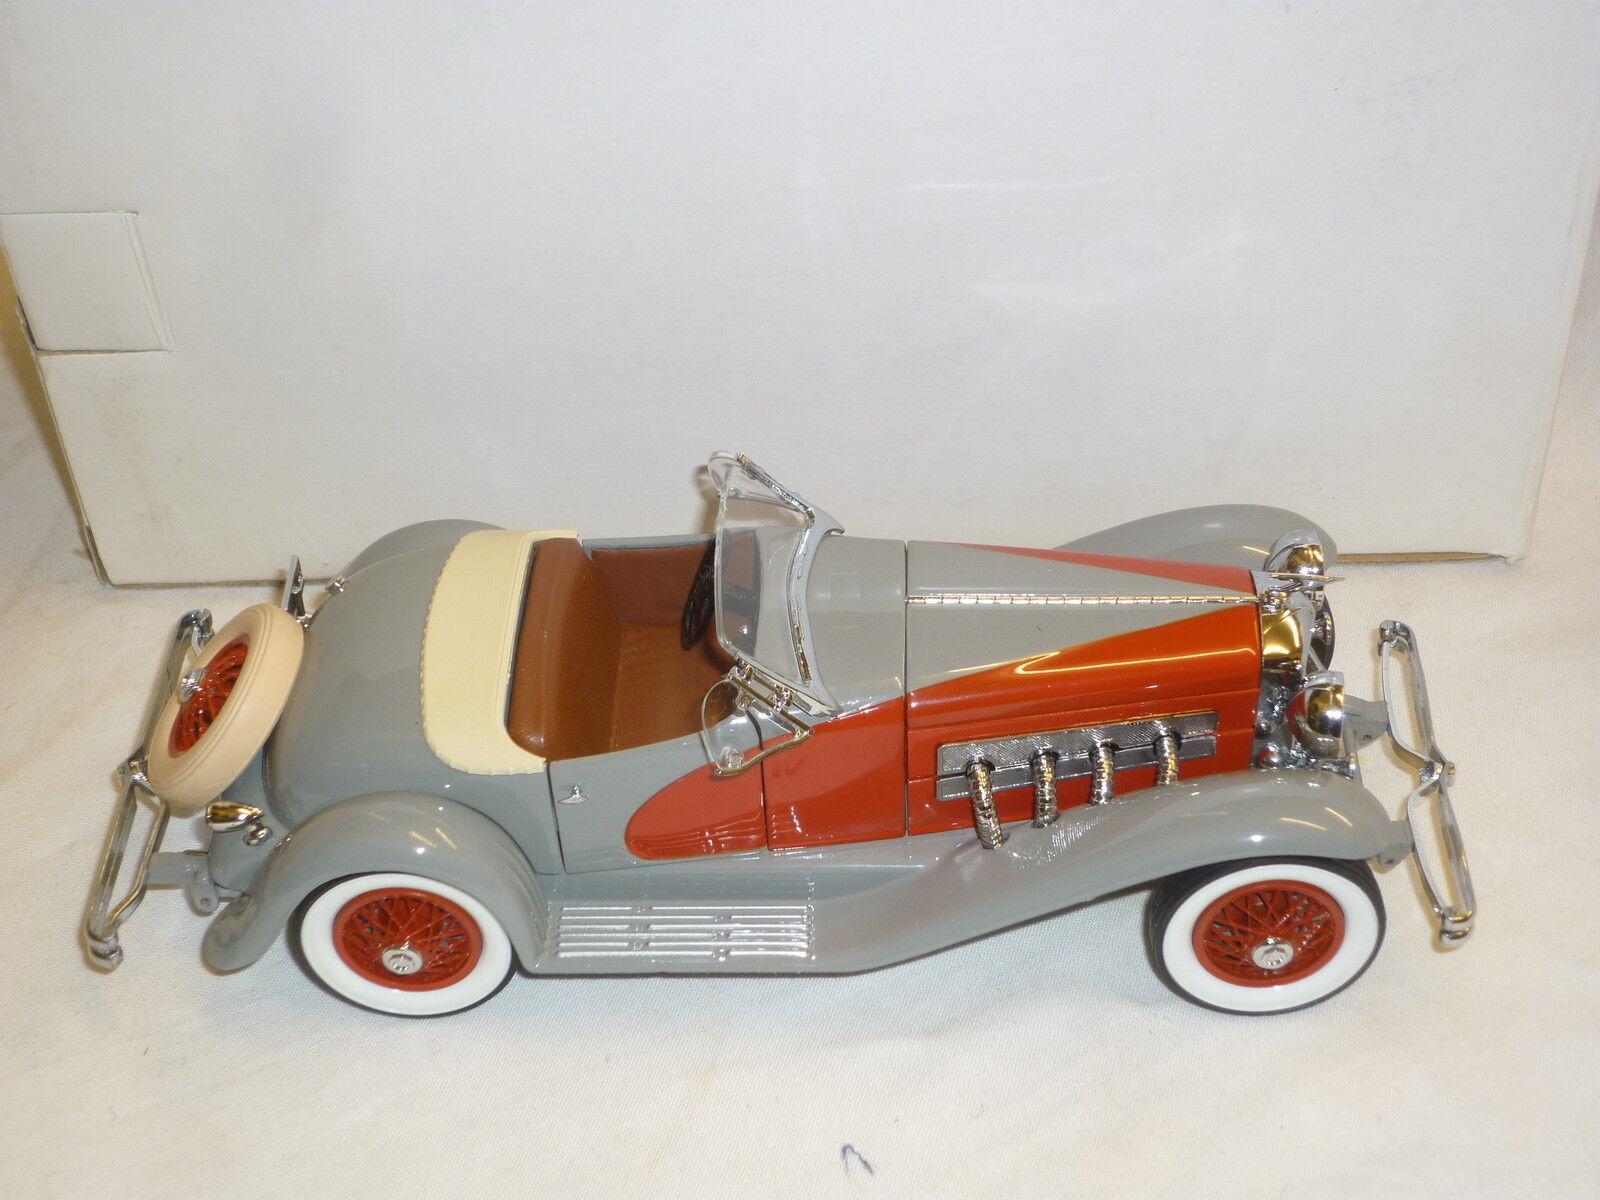 Un Danbury Comme neuf scale model of a 1935 Dusenberg SSJ Boxed | Dans De Nombreux Styles